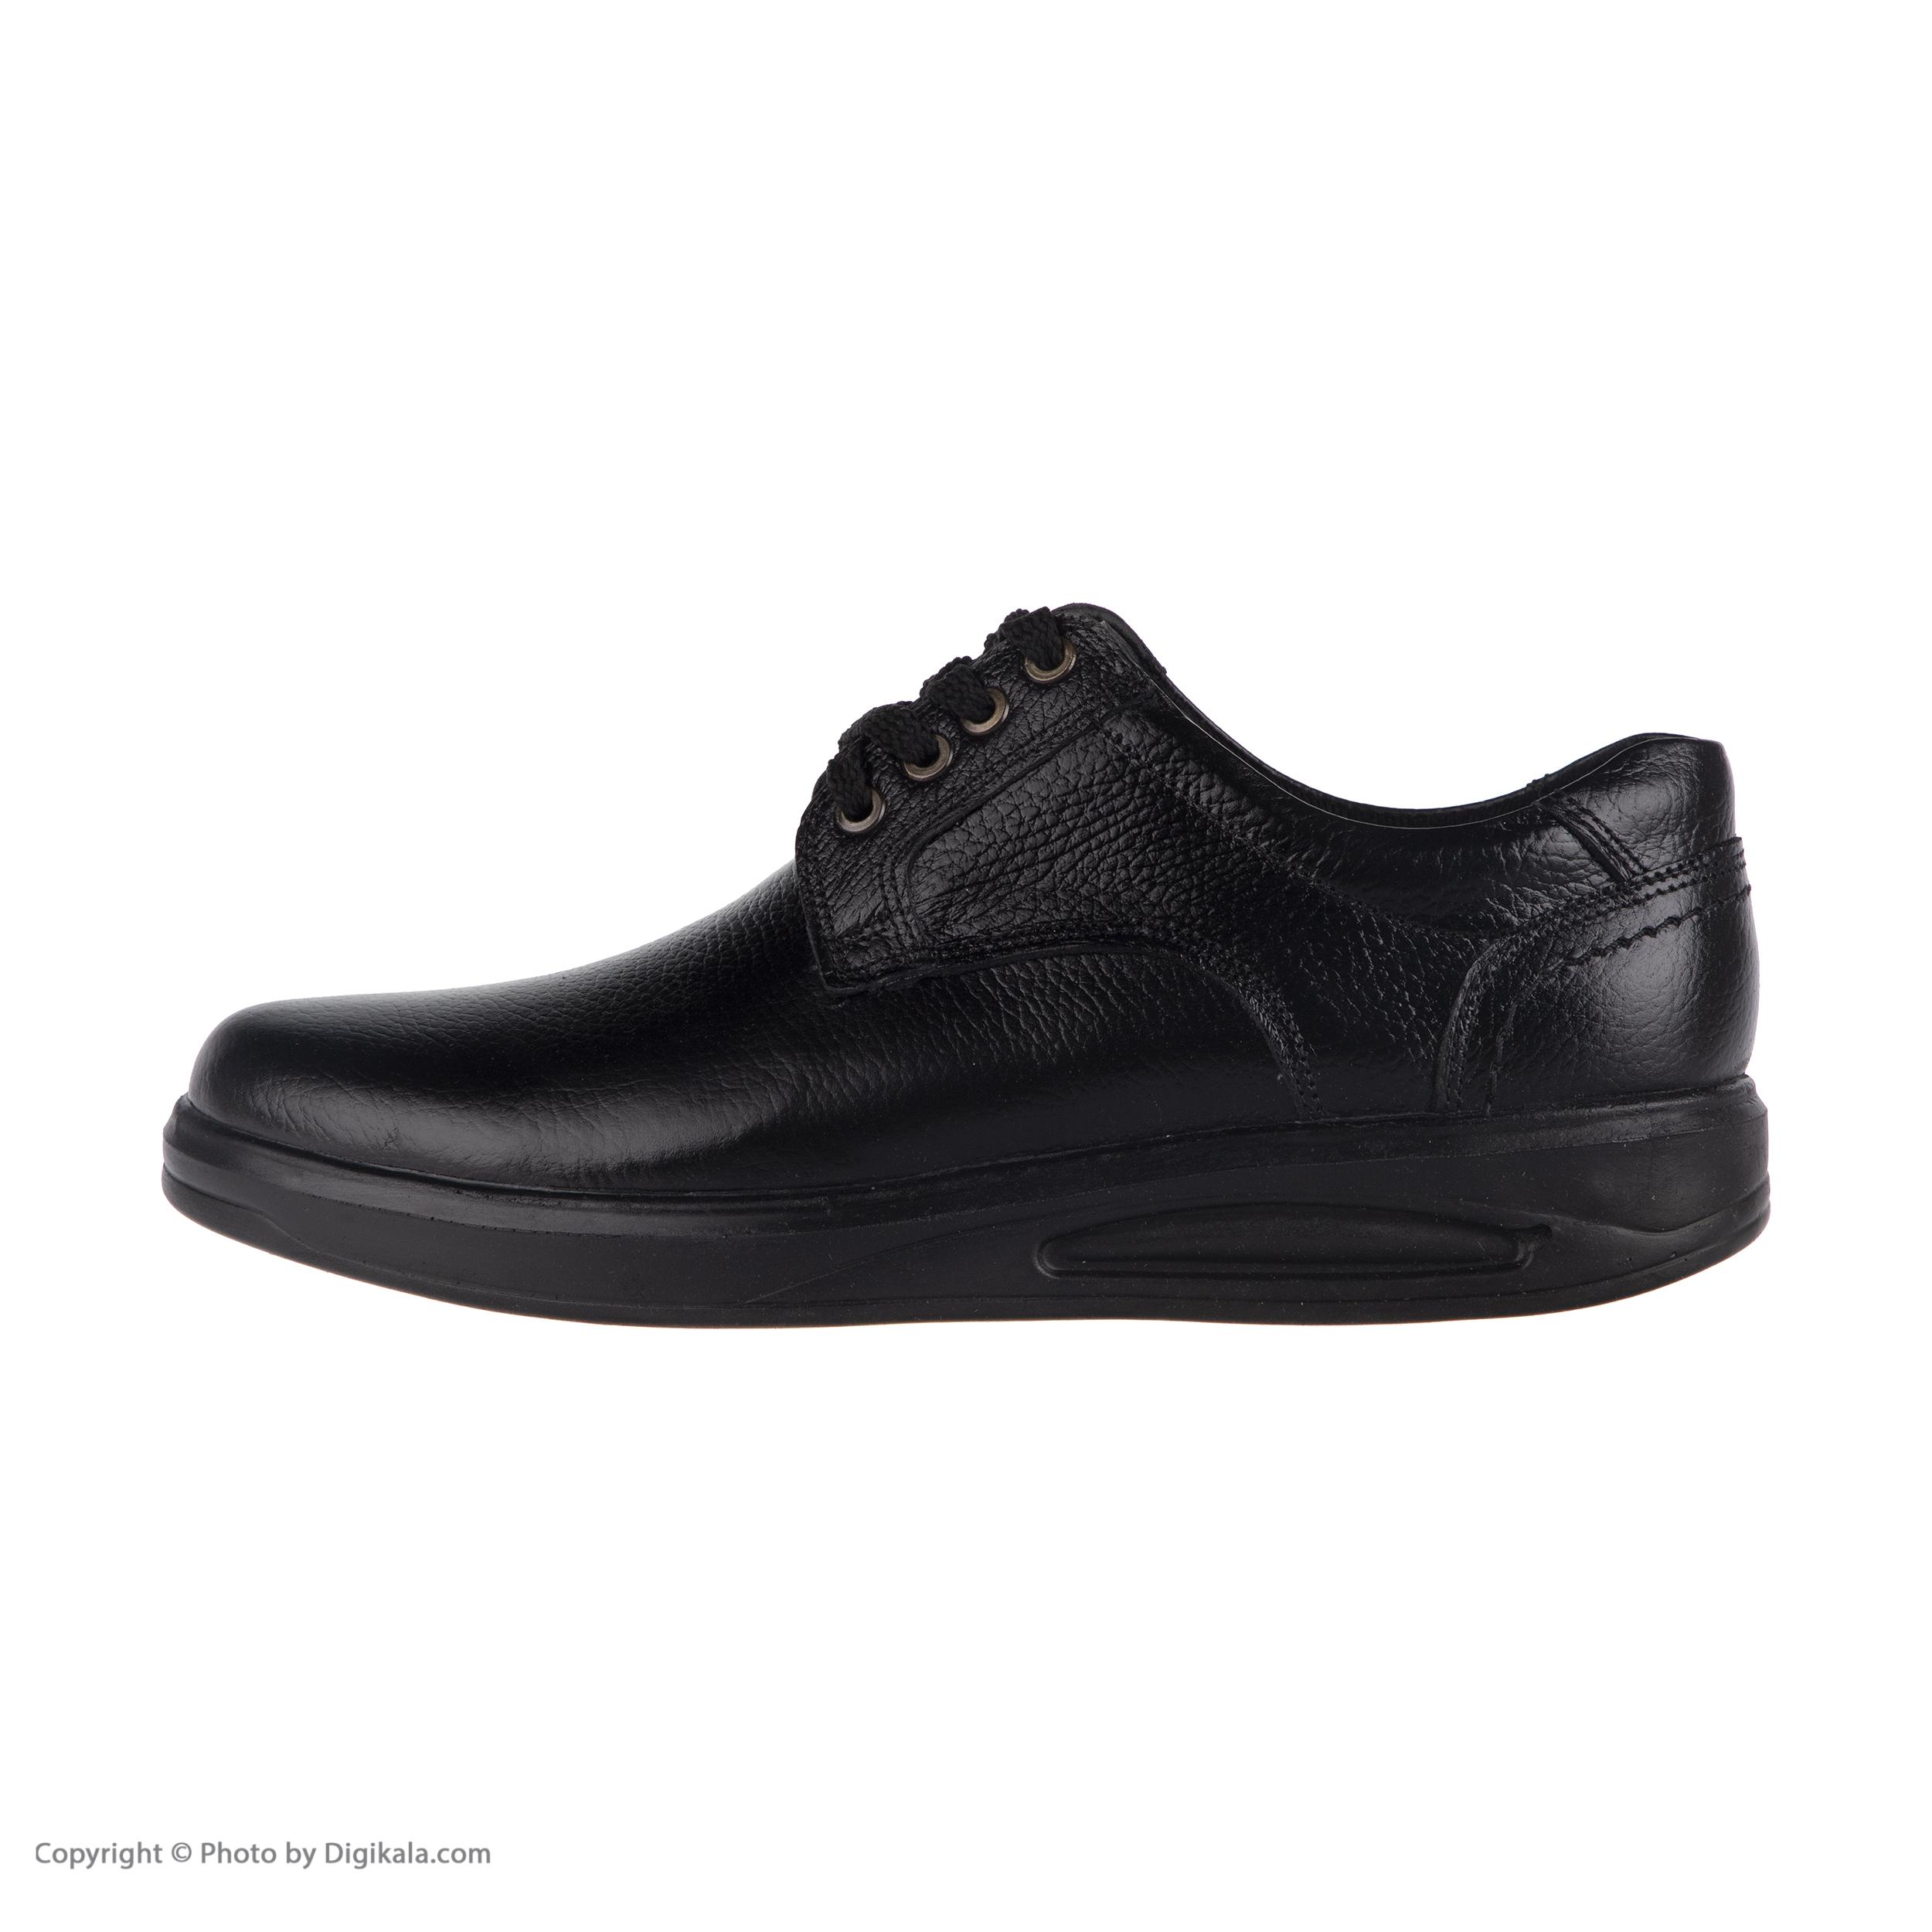 قیمت خرید کفش روزمره مردانه ساتین مدل 7603B503101 اورجینال